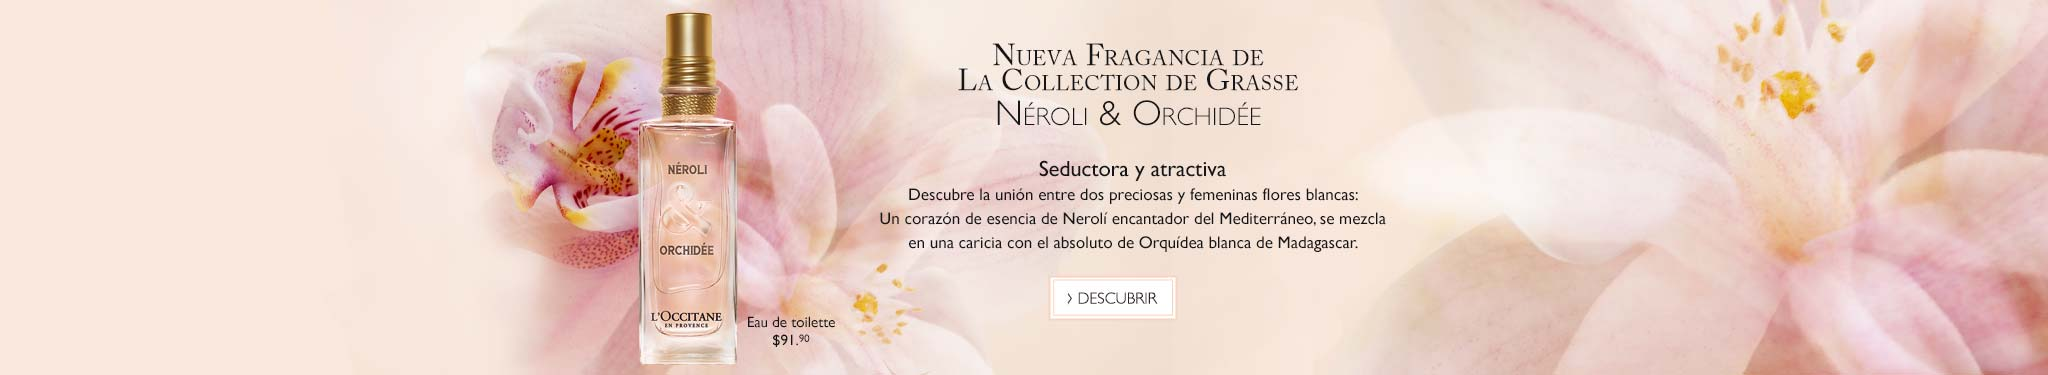 Nueva fragancia Nerolí & Orquídea